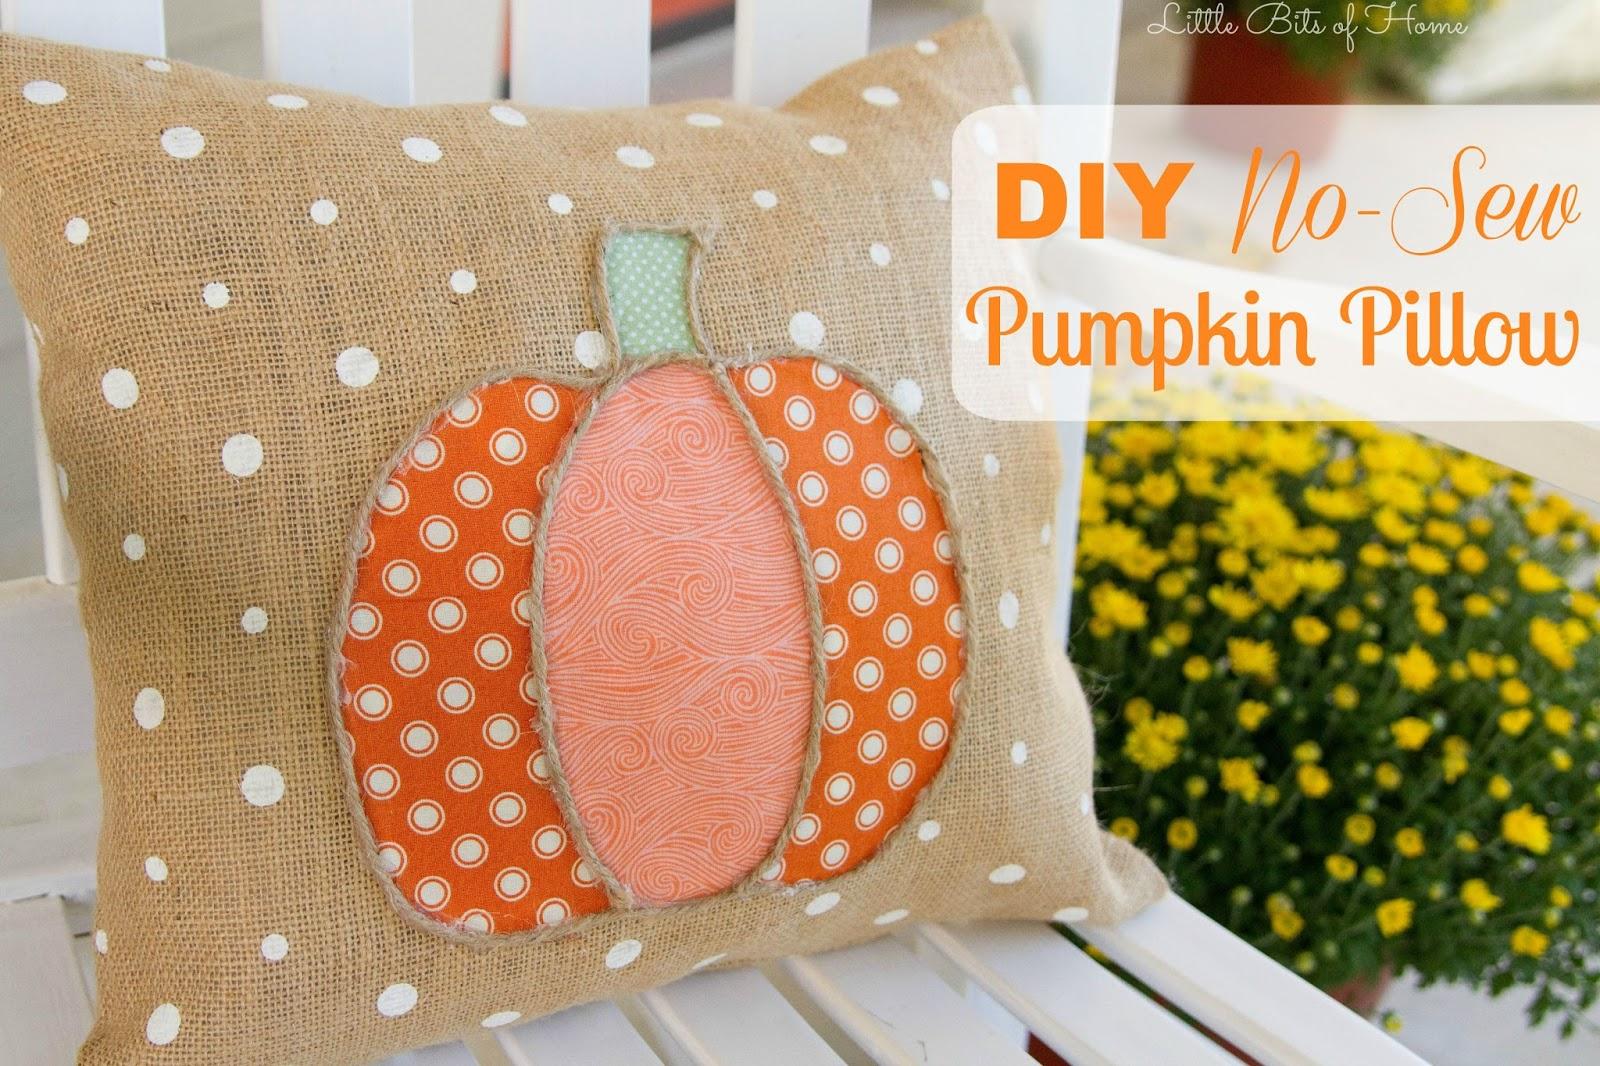 & DIY No-Sew Pumpkin Pillow pillowsntoast.com